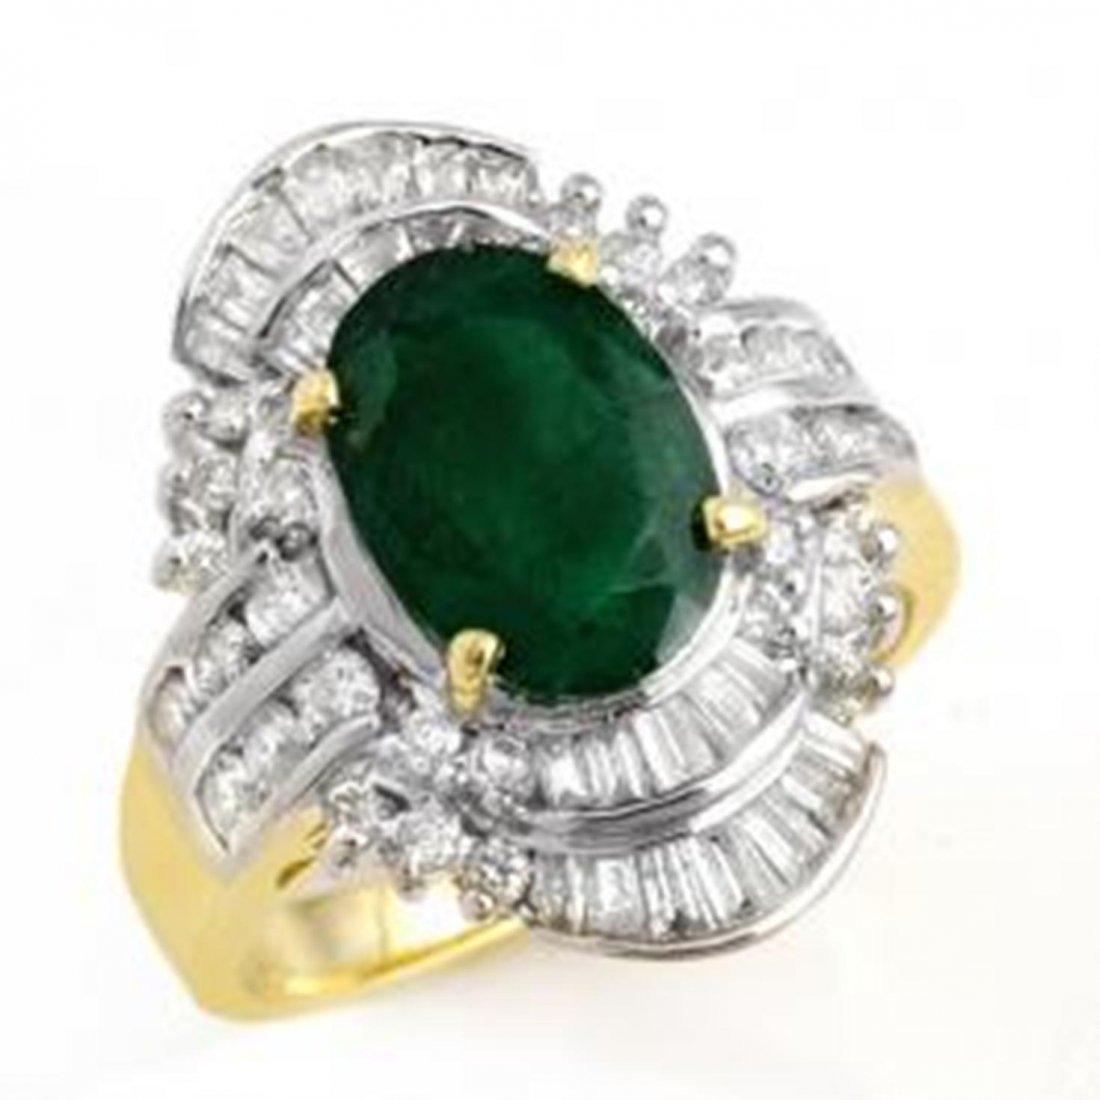 3.45 ctw Emerald & Diamond Ring 14K